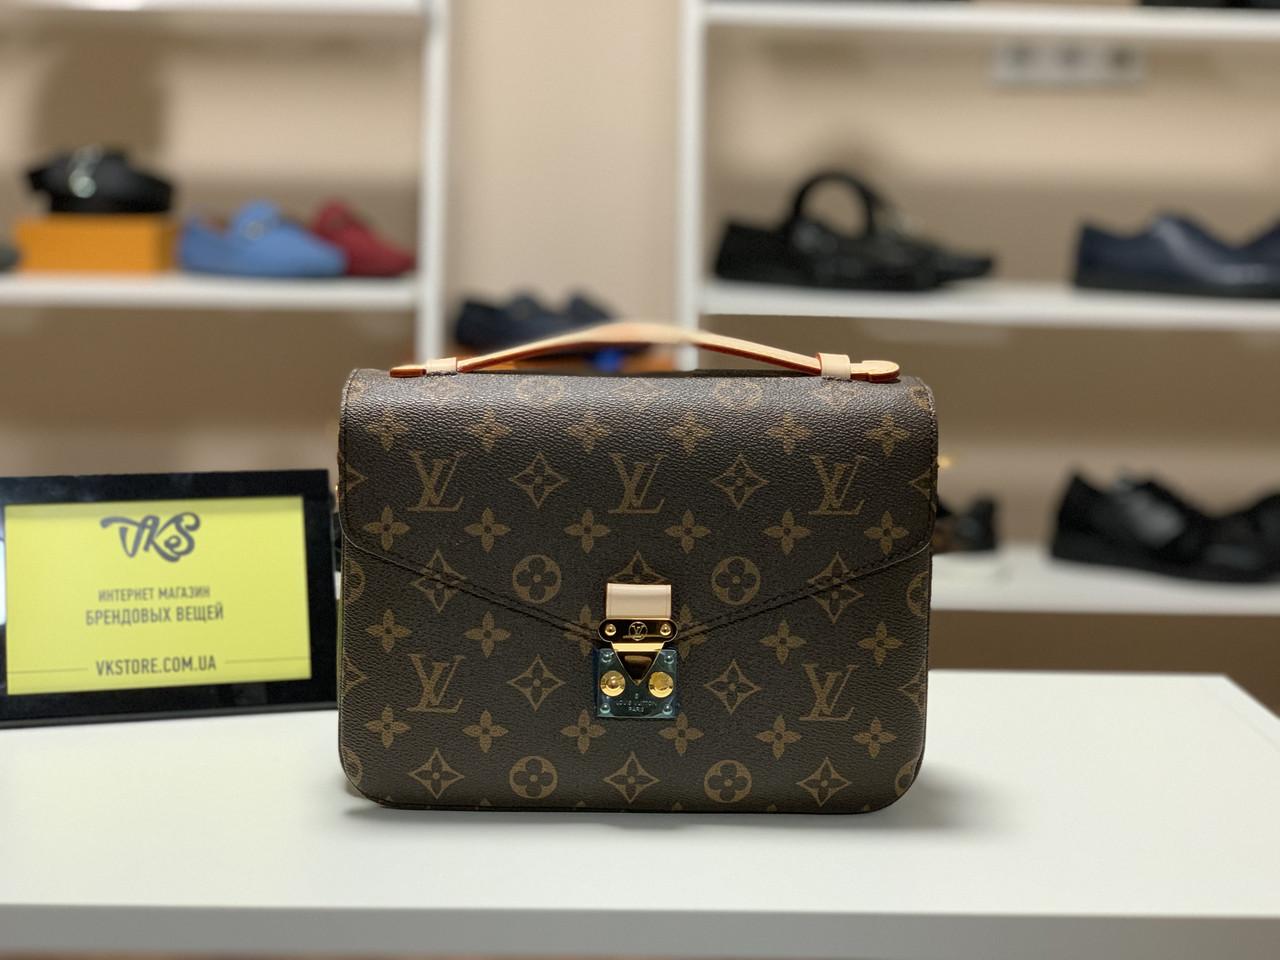 c4e1f69917e8 Женская сумка Louis Vuitton Metis, цена 7 990 грн., купить в Киеве ...